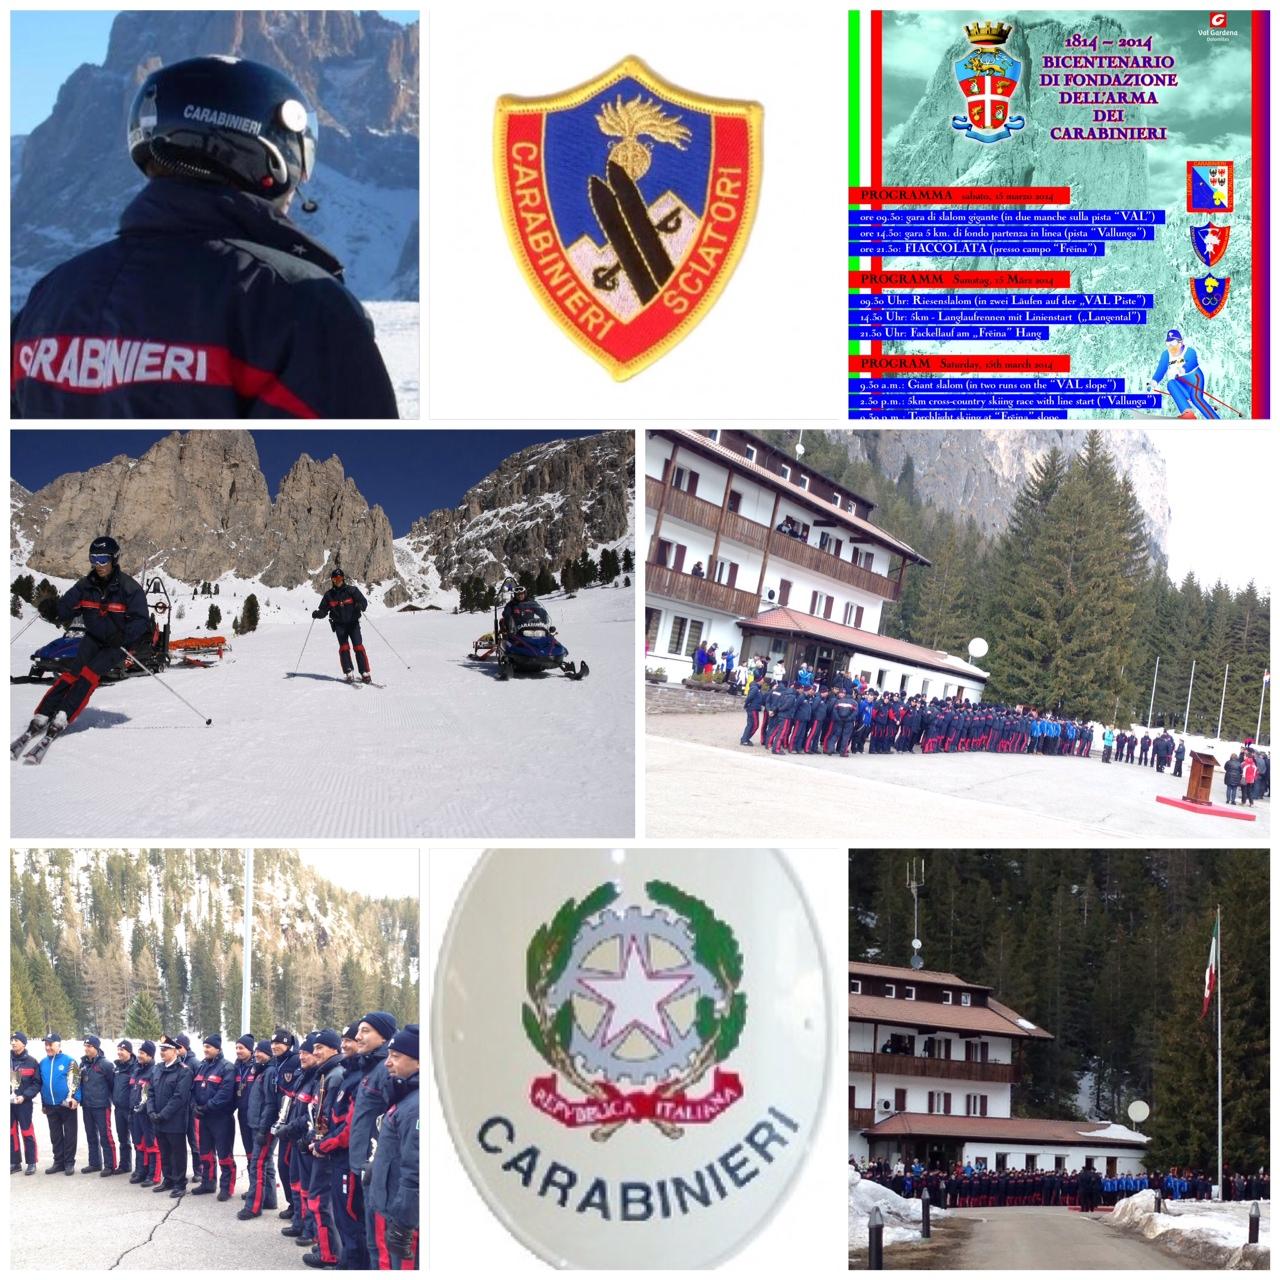 Awesome azienda di soggiorno val gardena pictures for Soggiorno carabinieri merano